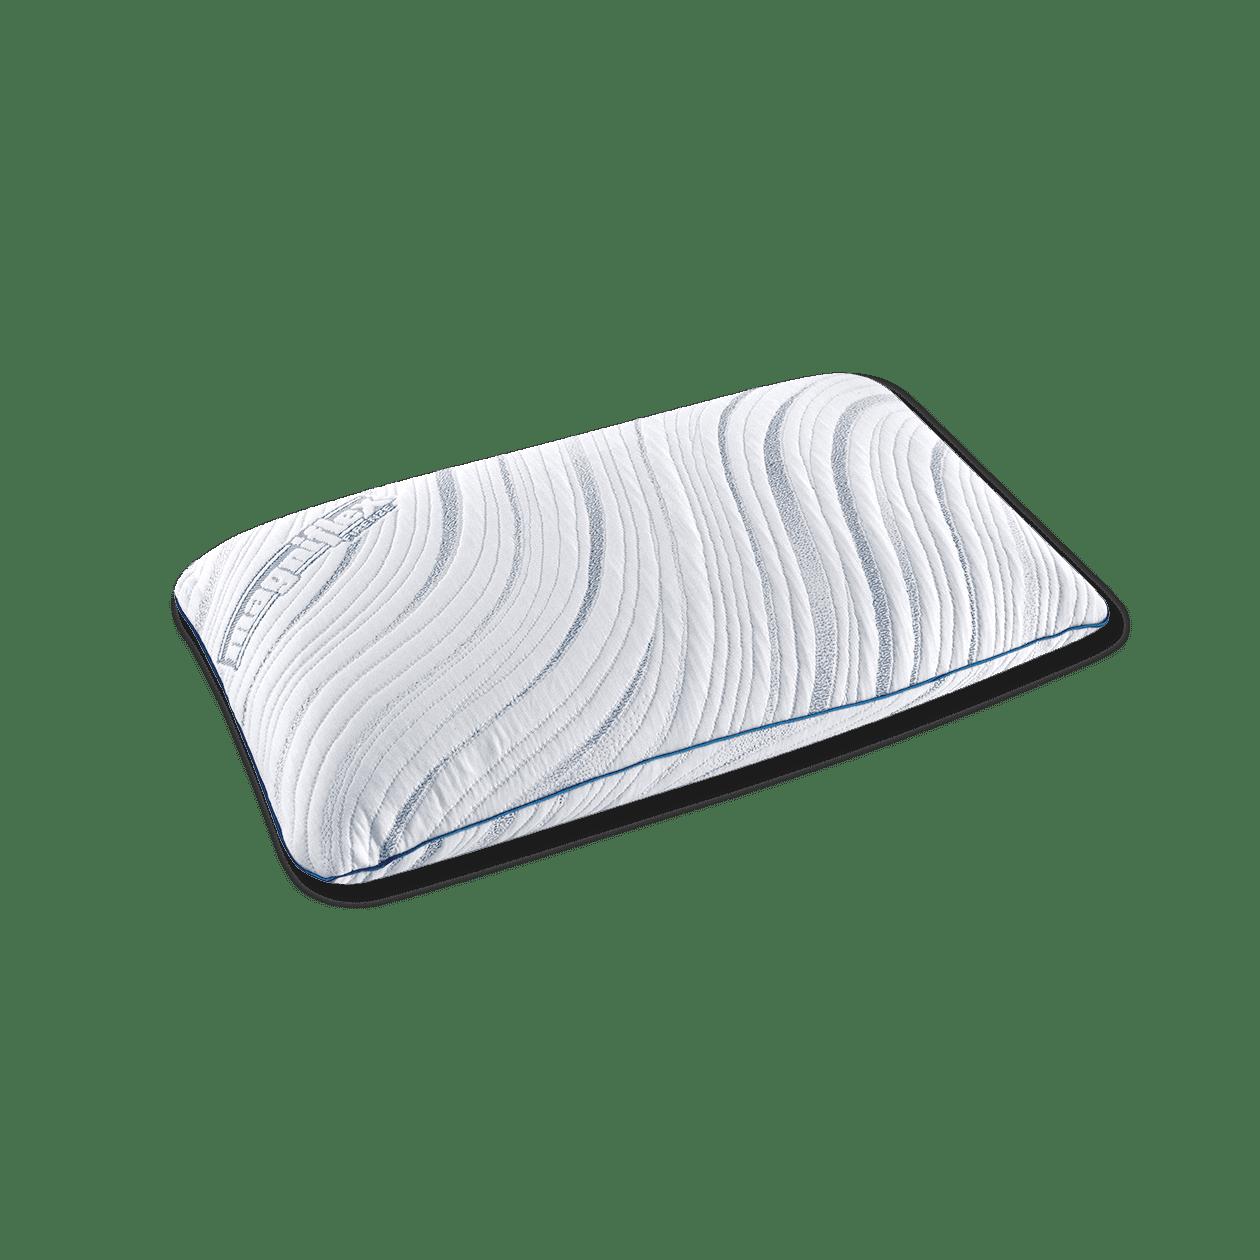 PILLOW Magniflex New Magnigel Deluxe